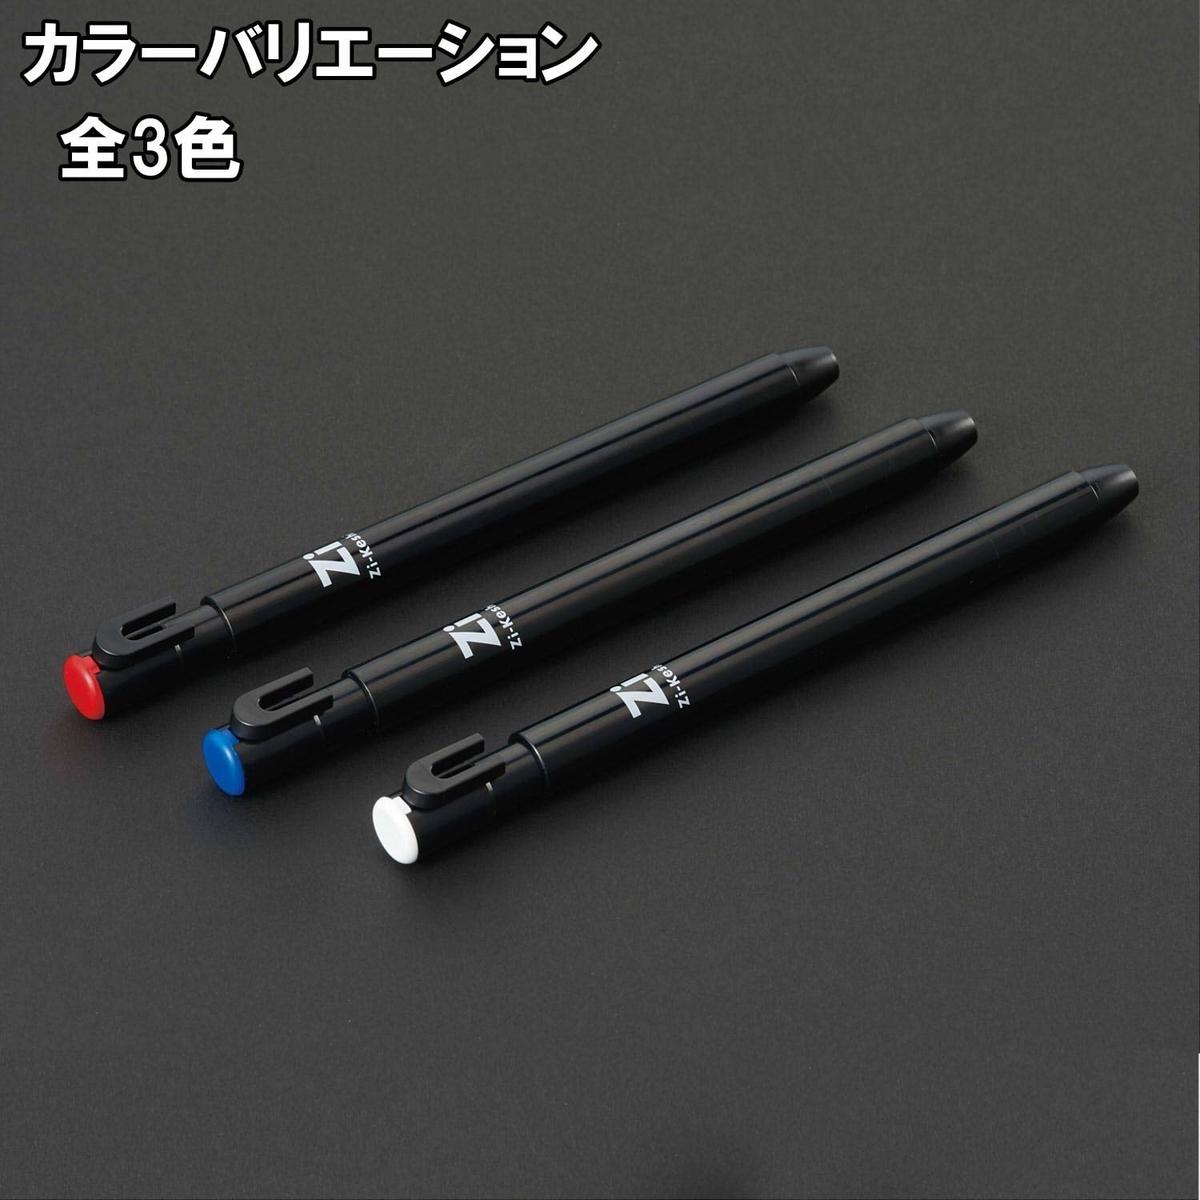 f:id:fumihiro1192:20200226183639j:plain